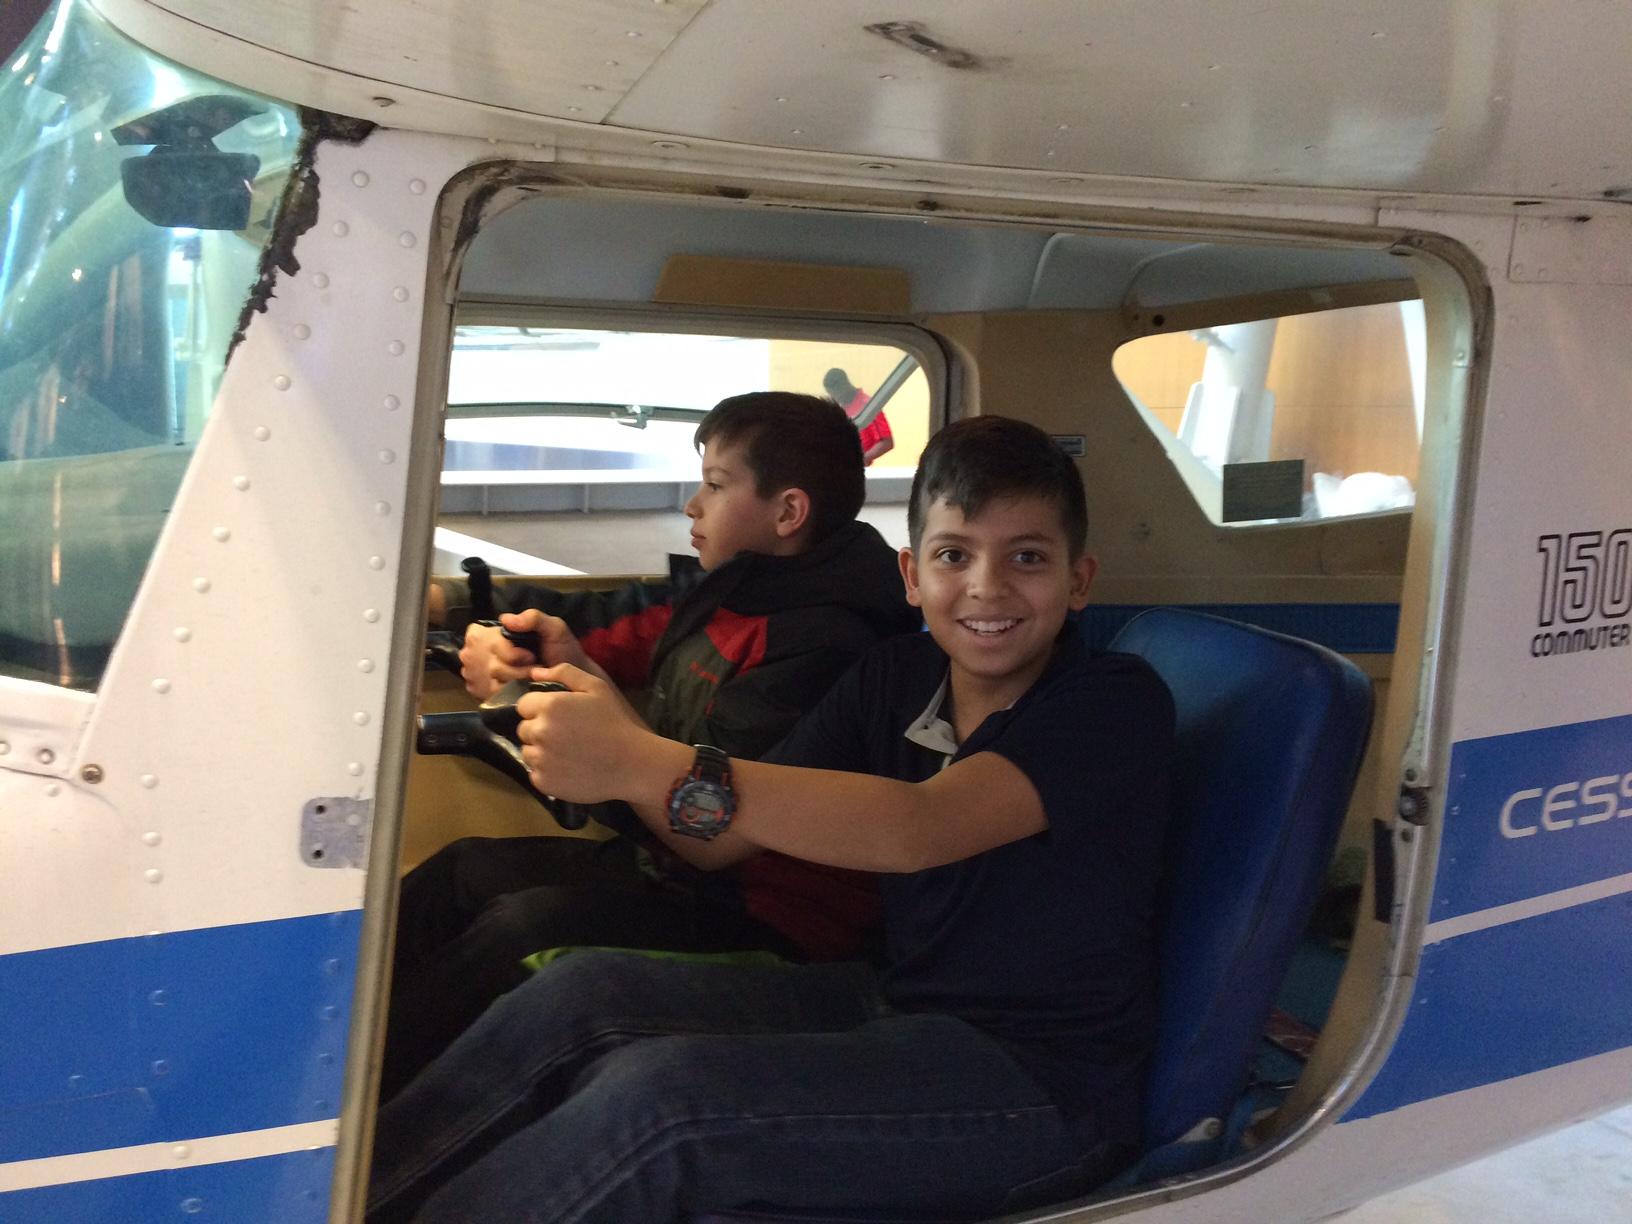 AirAndSpace2.JPG